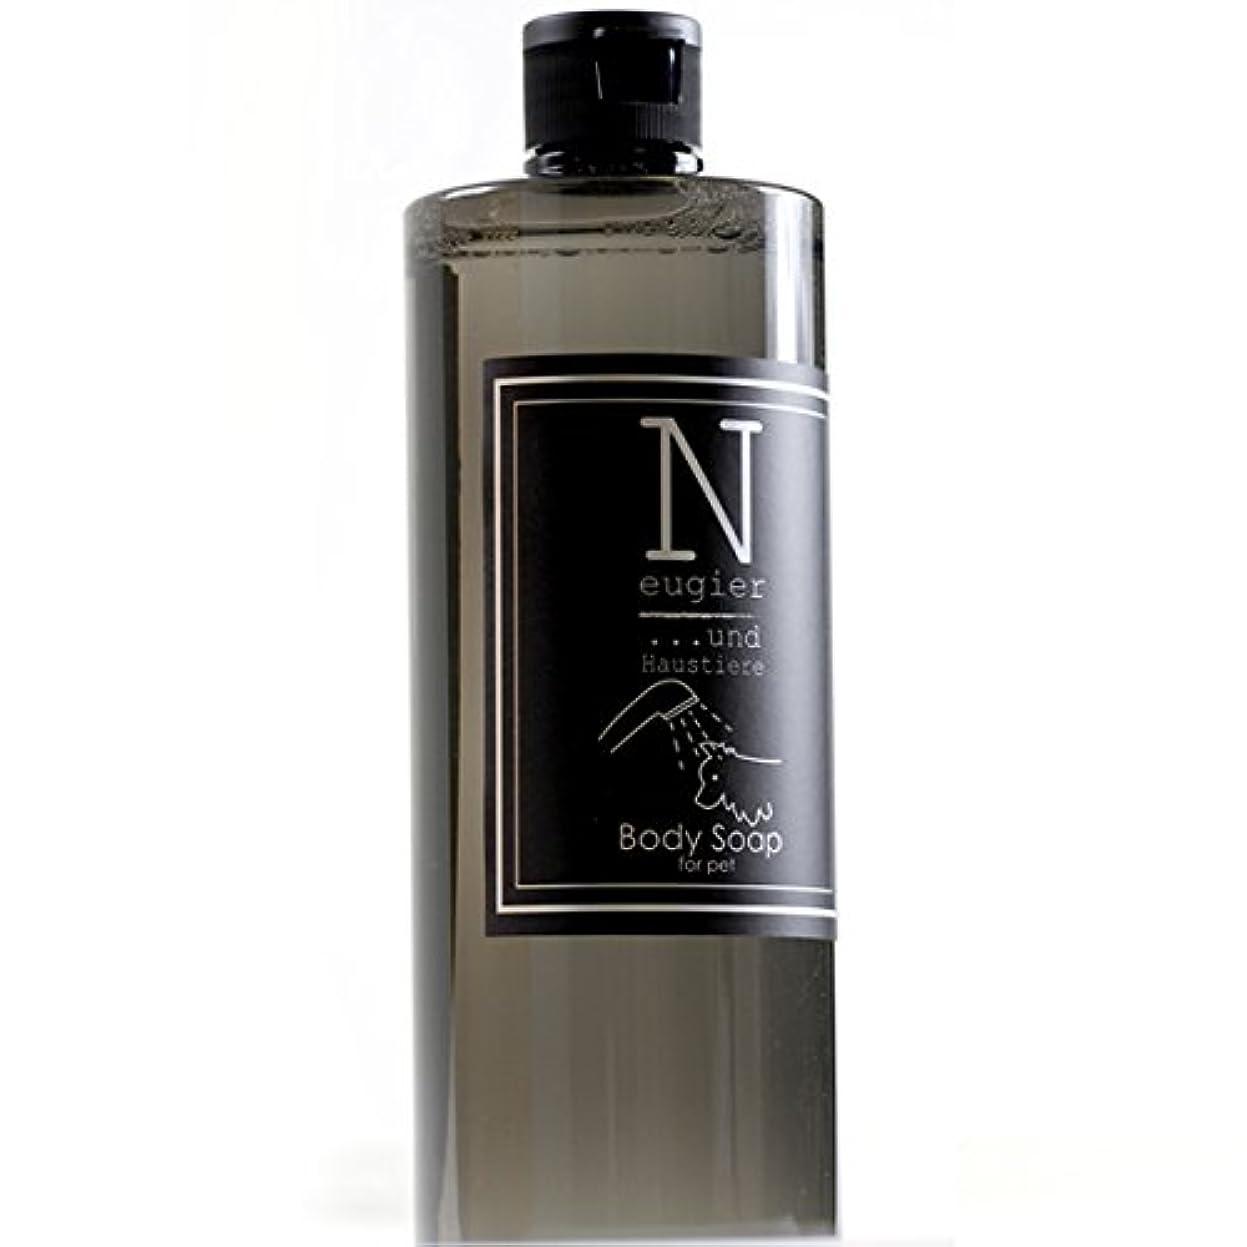 排他的勃起浴Neugier ケアシリーズ body Soap (ボディーソープ/ペットシャンプー) (500)